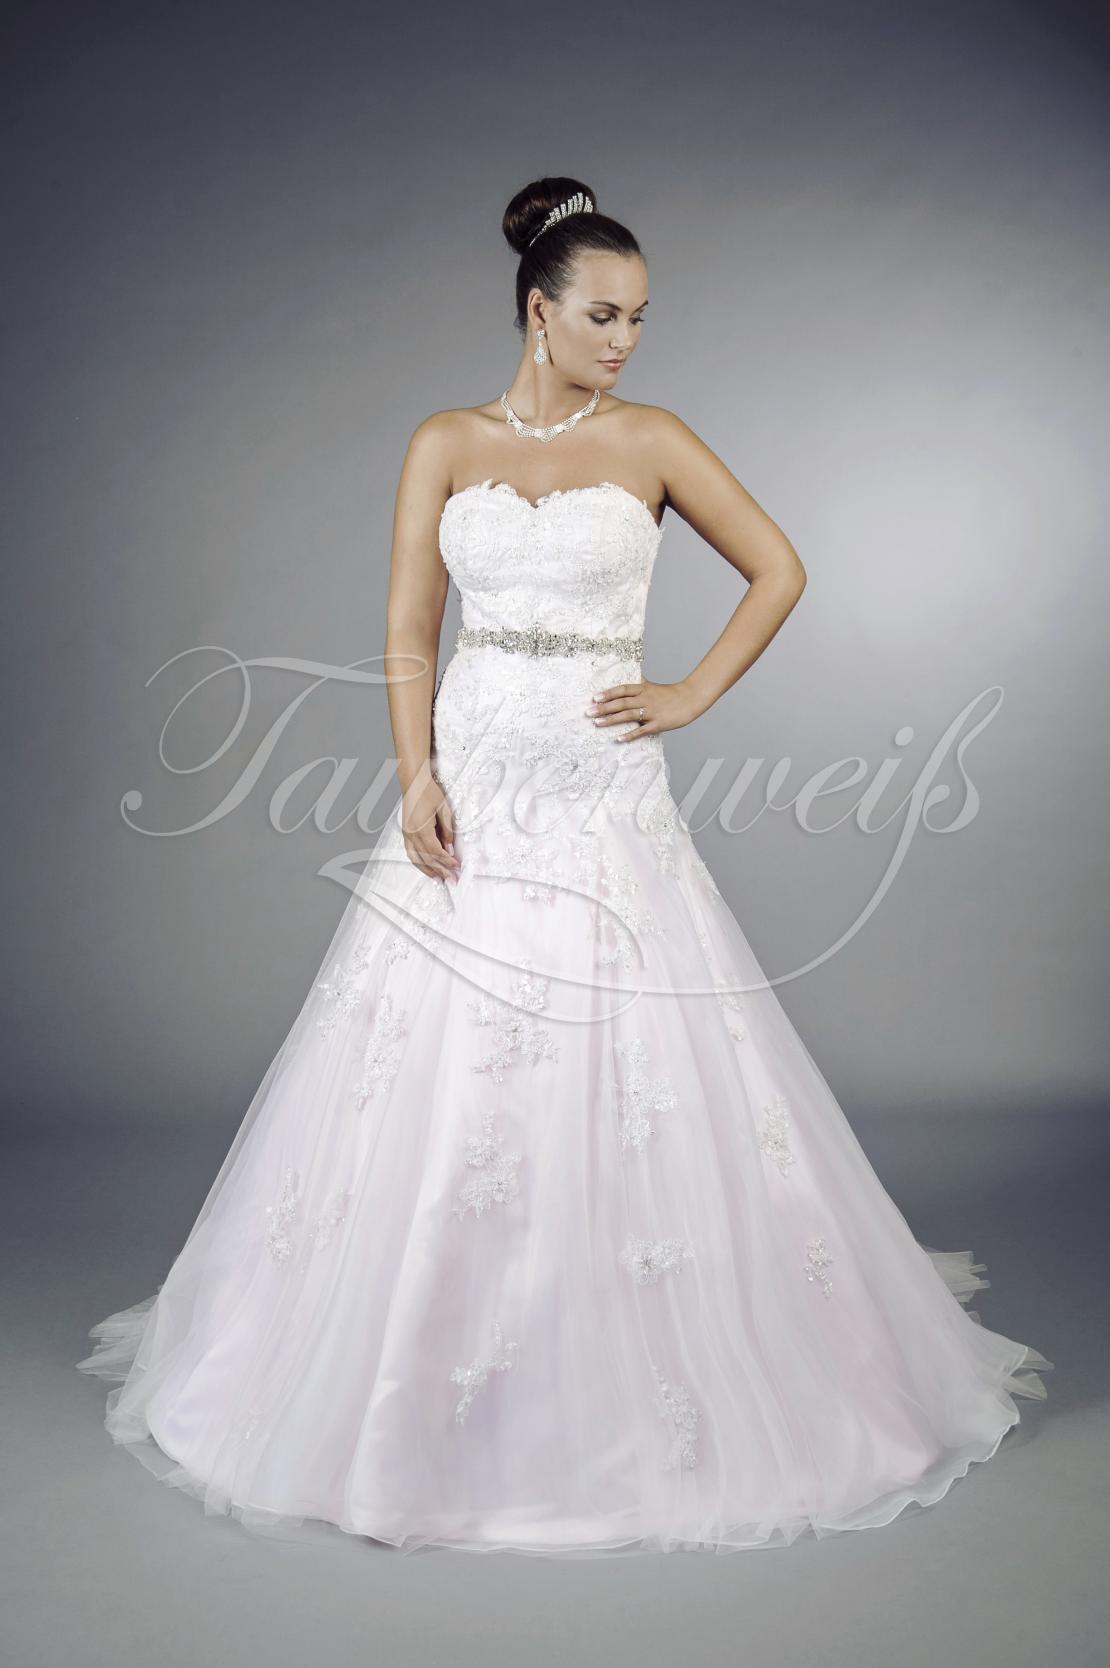 Maßgeschneiderte günstige Brautkleider von Taubenweiß